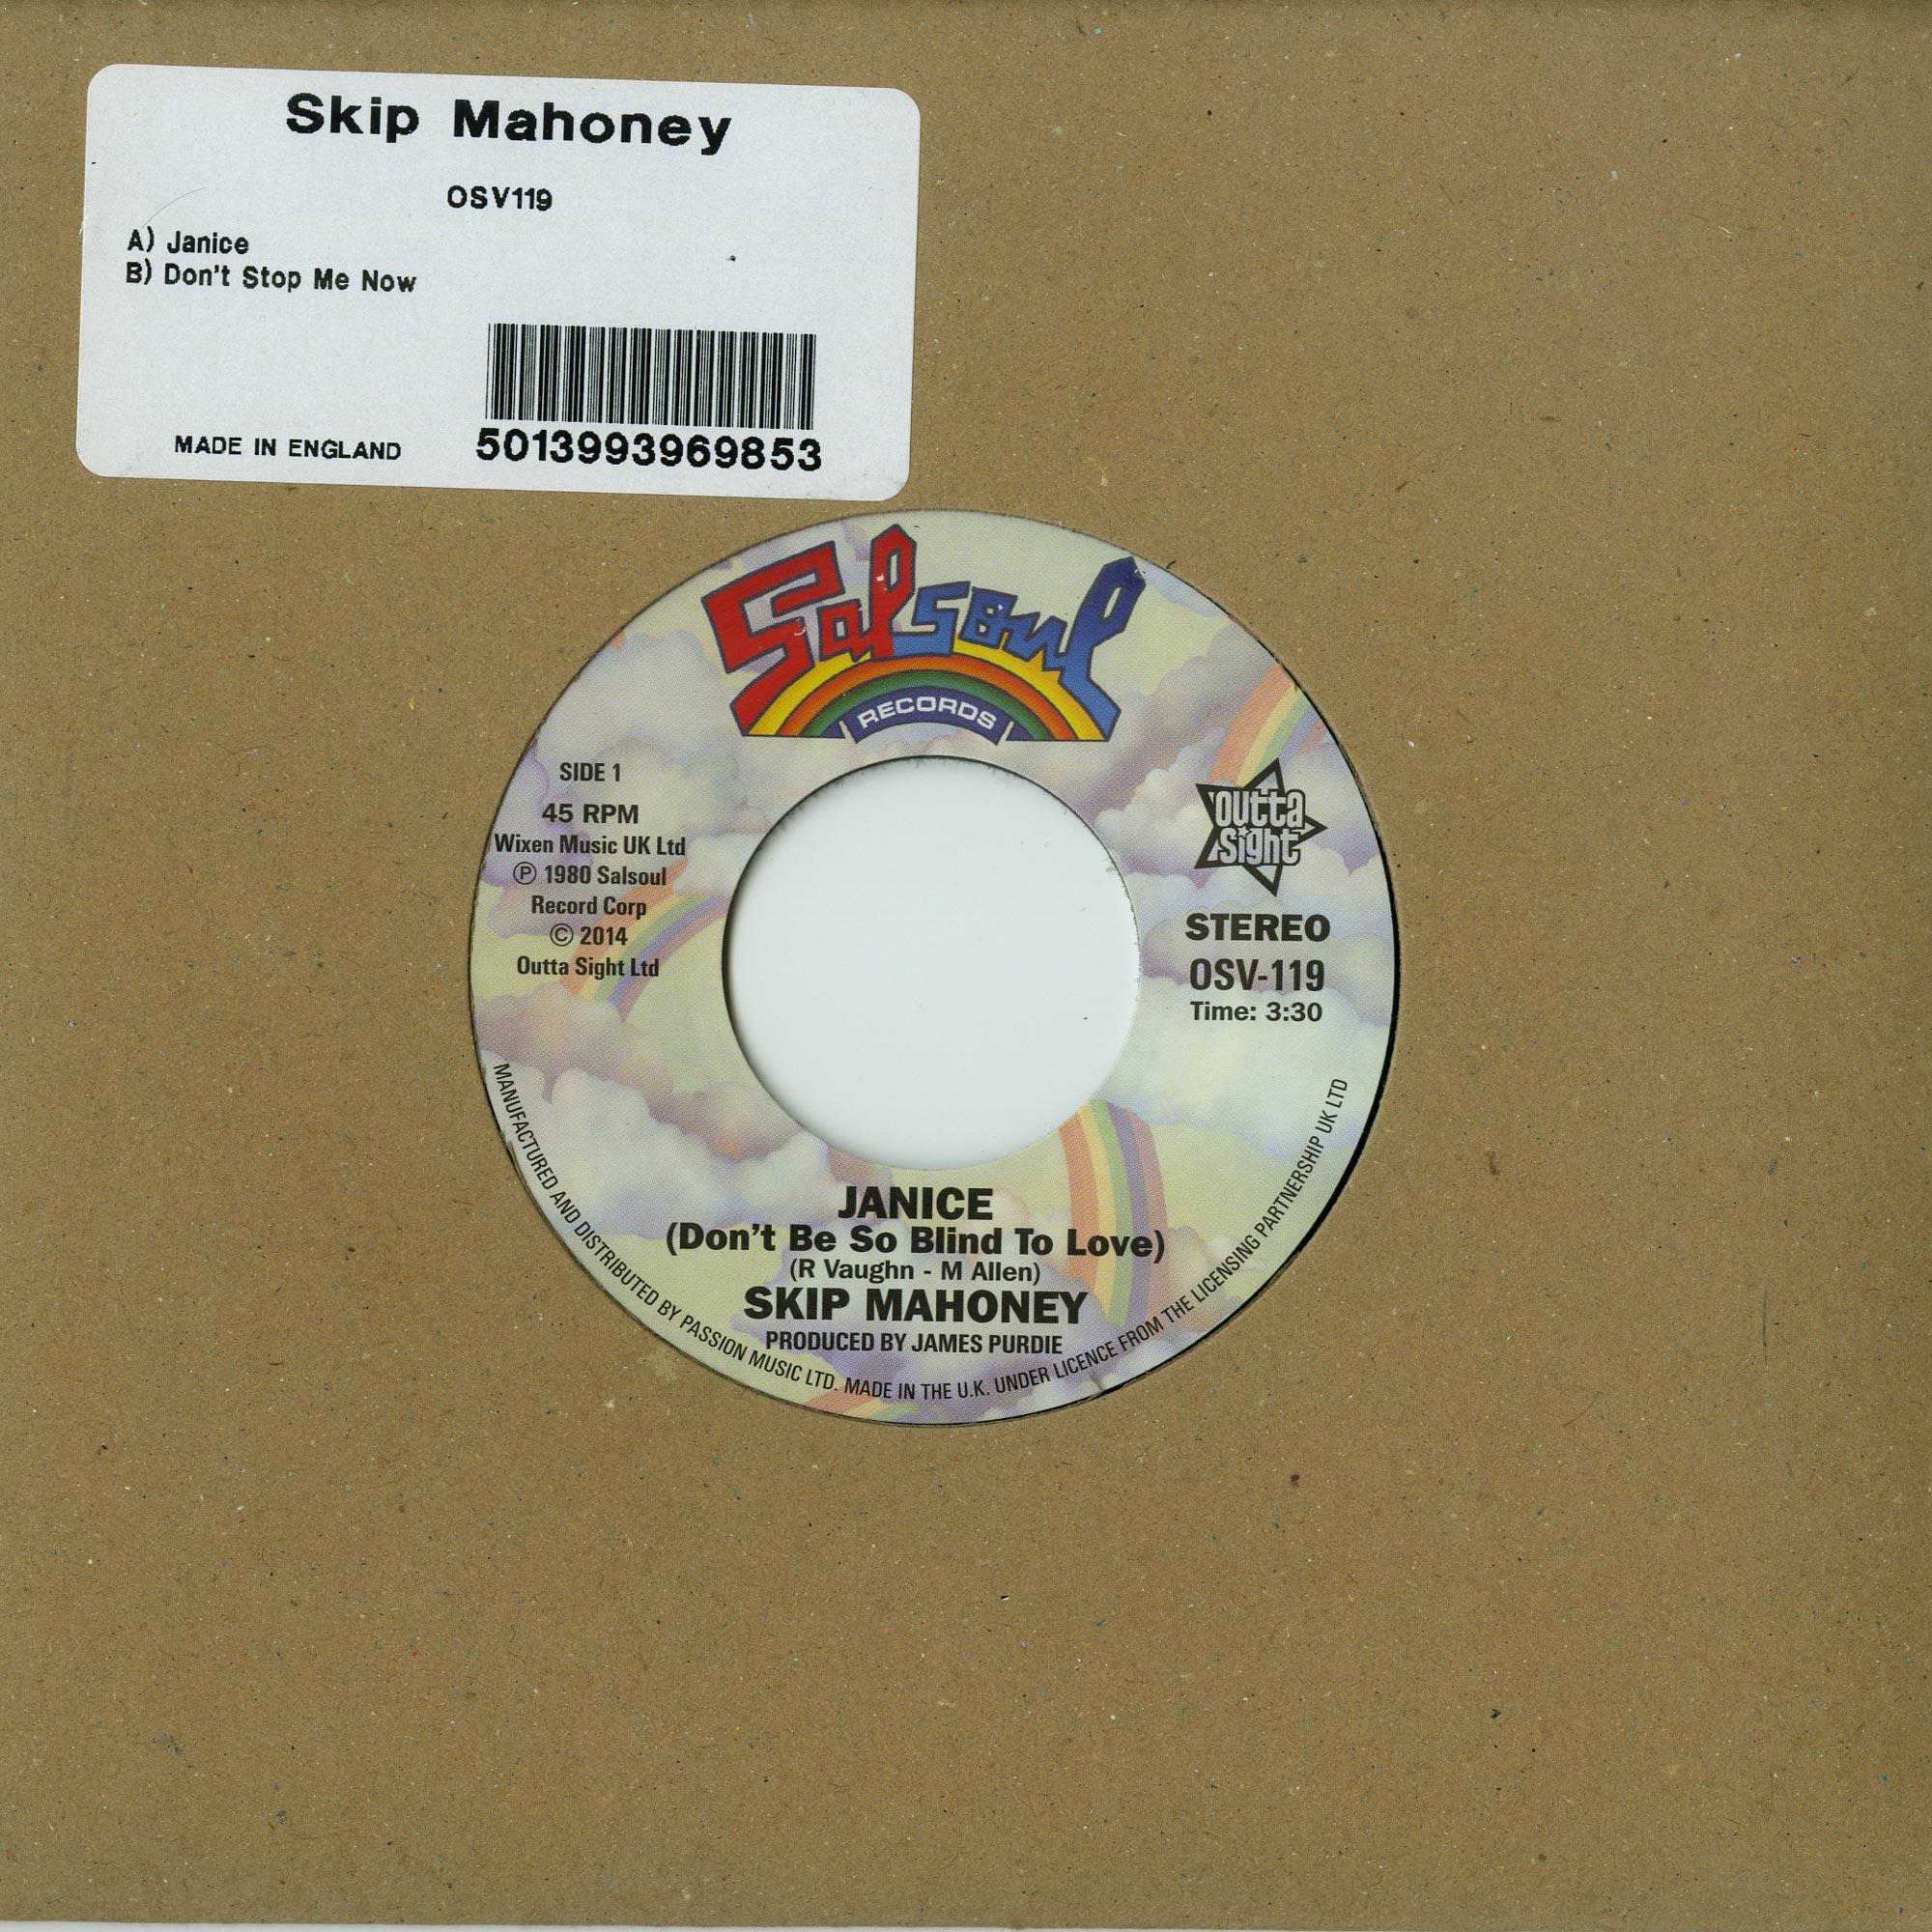 Skip Mahoney - JANICE